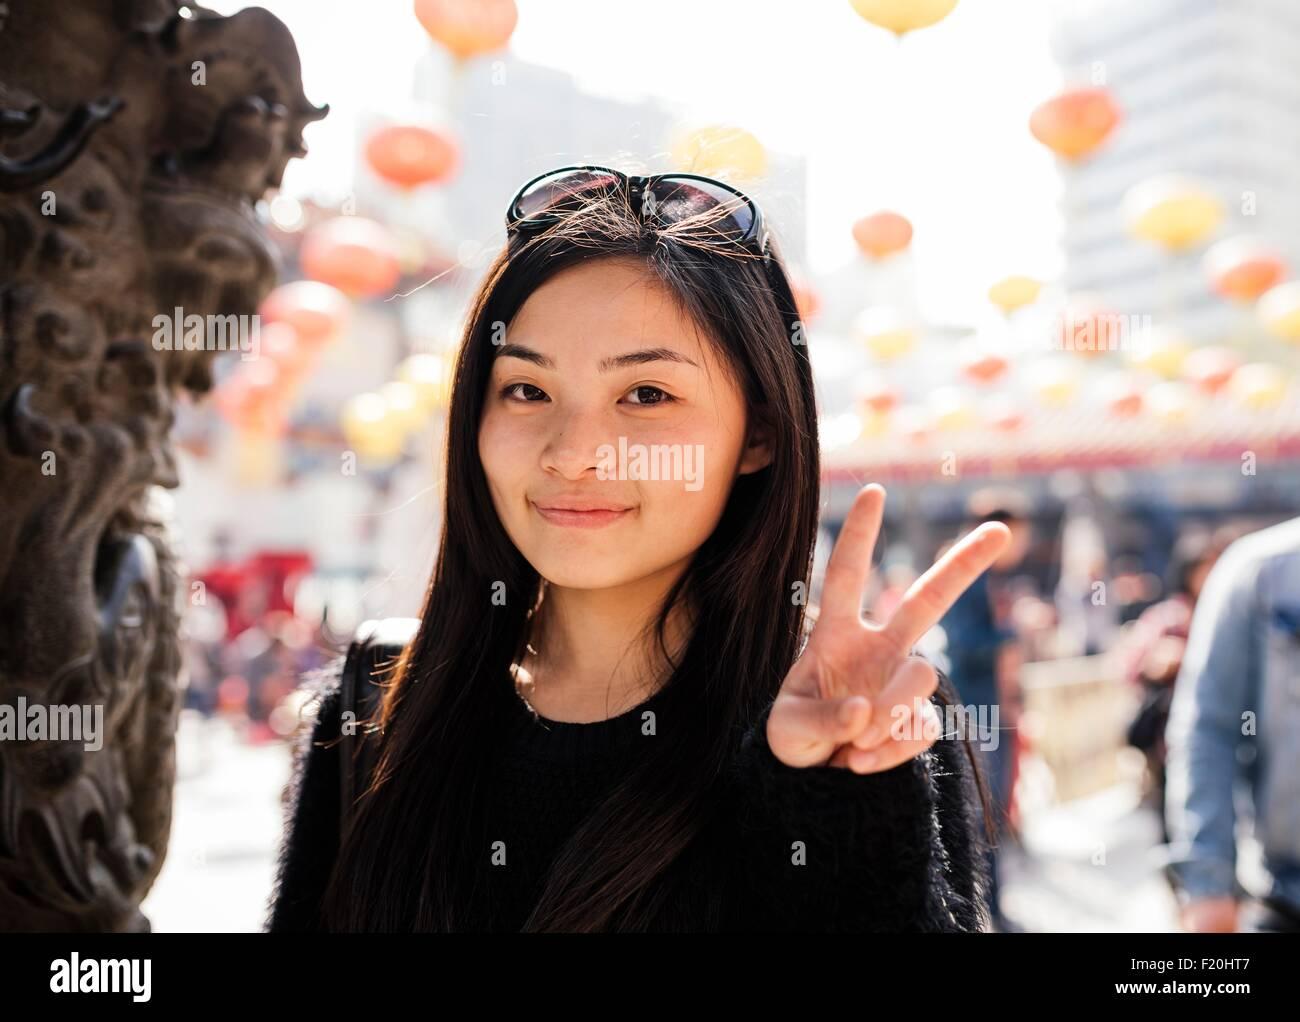 Retrato de mujer joven con pelo largo y gafas de sol en la cabeza haciendo la paz firme, mirando a la cámara Imagen De Stock